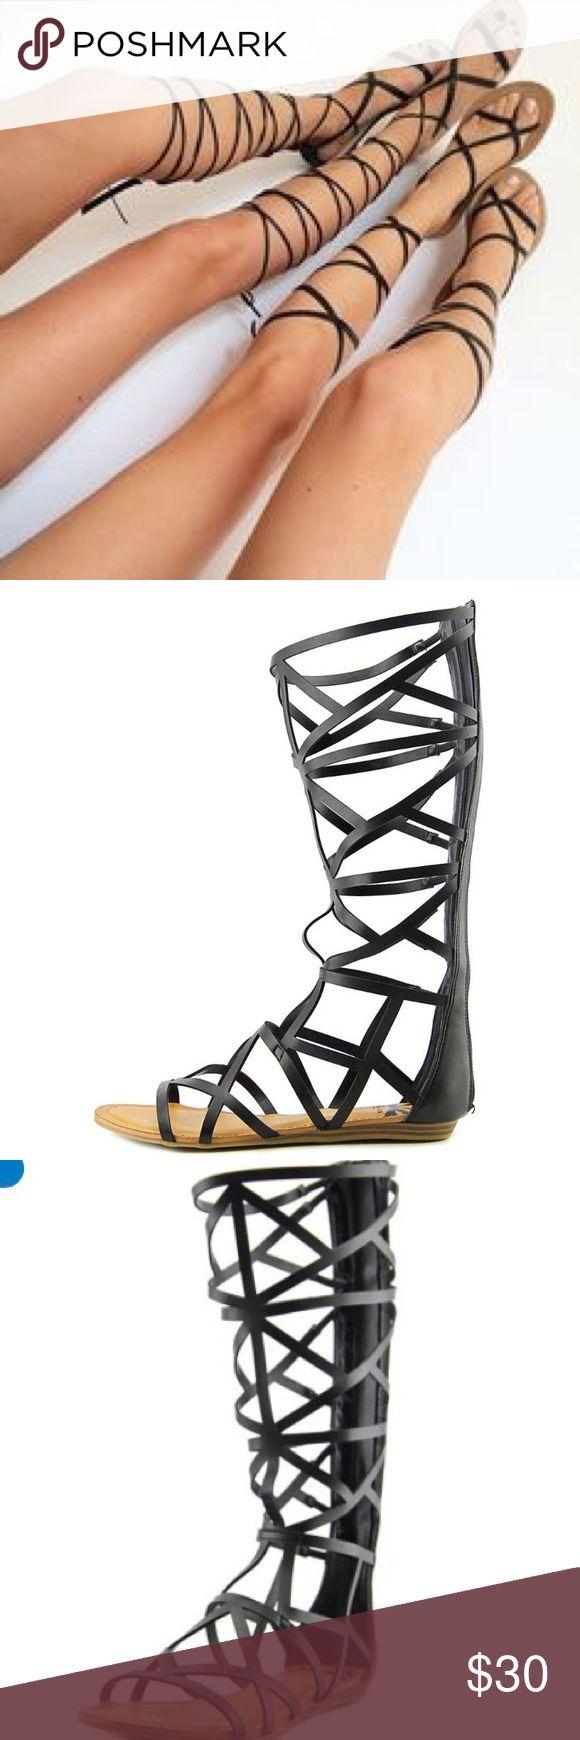 Black sandals at dsw - Gladiator Sandals Black Gladiator Sandals Zip Up The Back Crisscross Mother Like Material Black